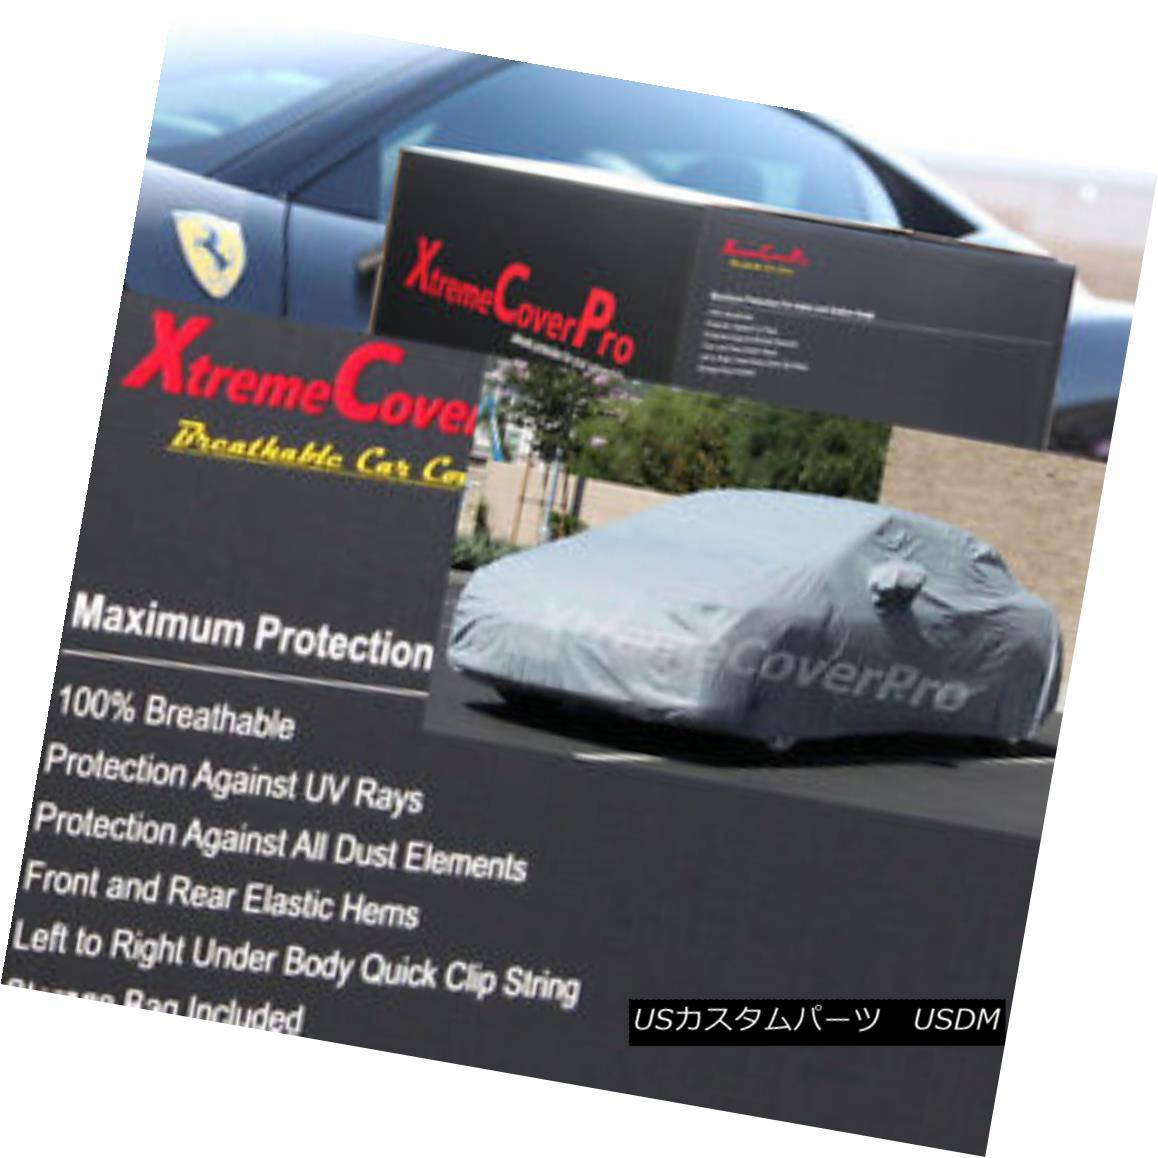 カーカバー 2010 2011 2012 Suzuki Kizashi Breathable Car Cover w/MirrorPocket 2010年2011年スズキキザシ通気性車カバー付きMirrorPocket